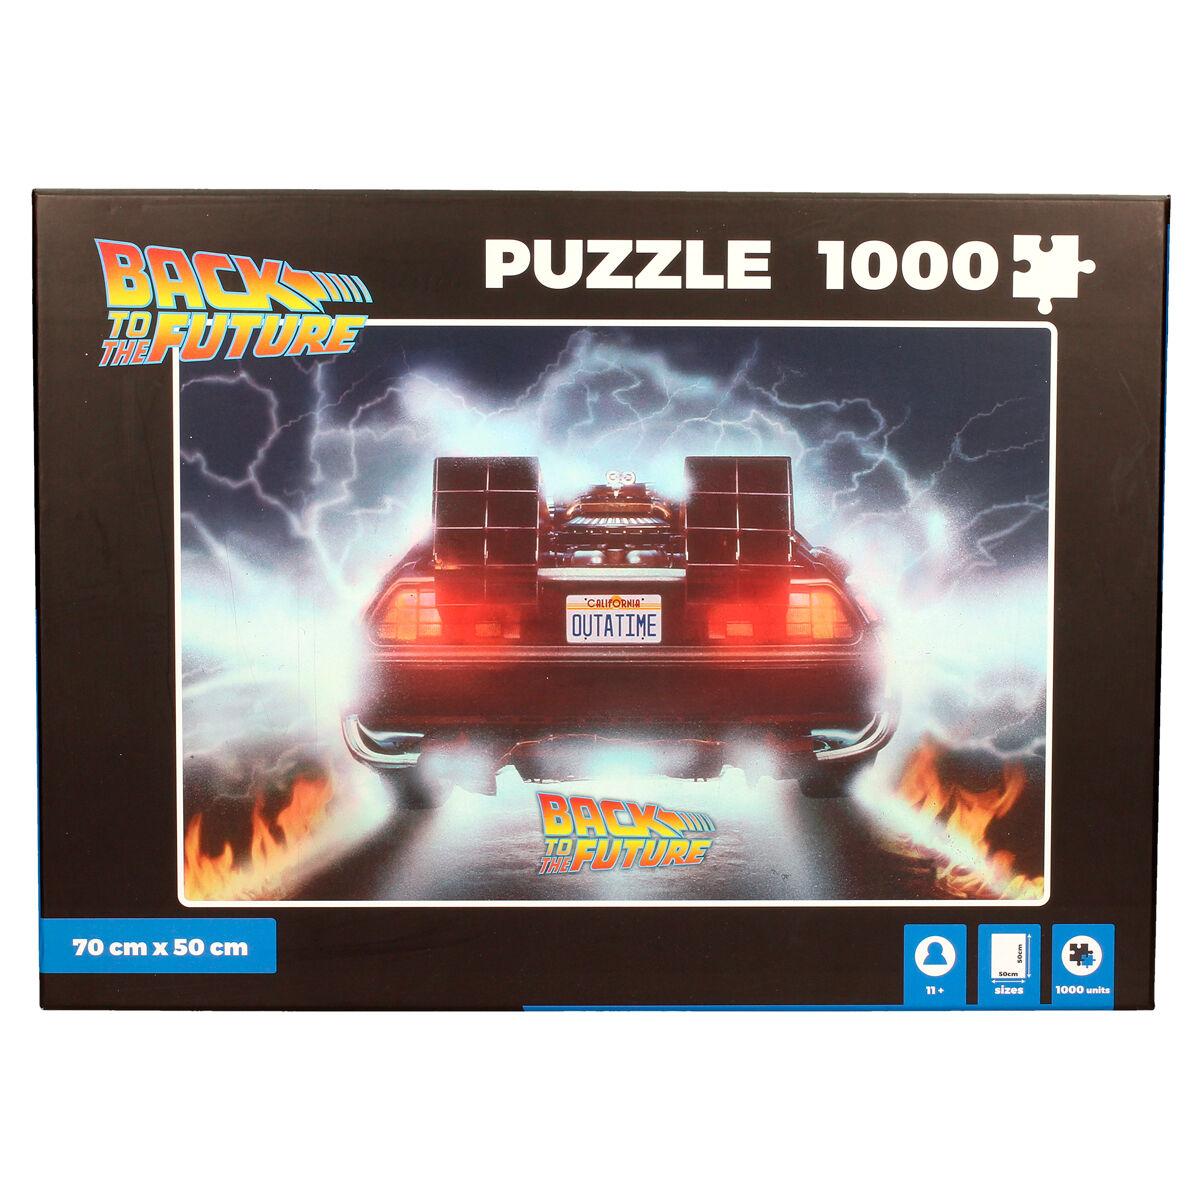 Puzzle Delorean Out a Time Regreso al Futuro 1000pzs 8435450223235